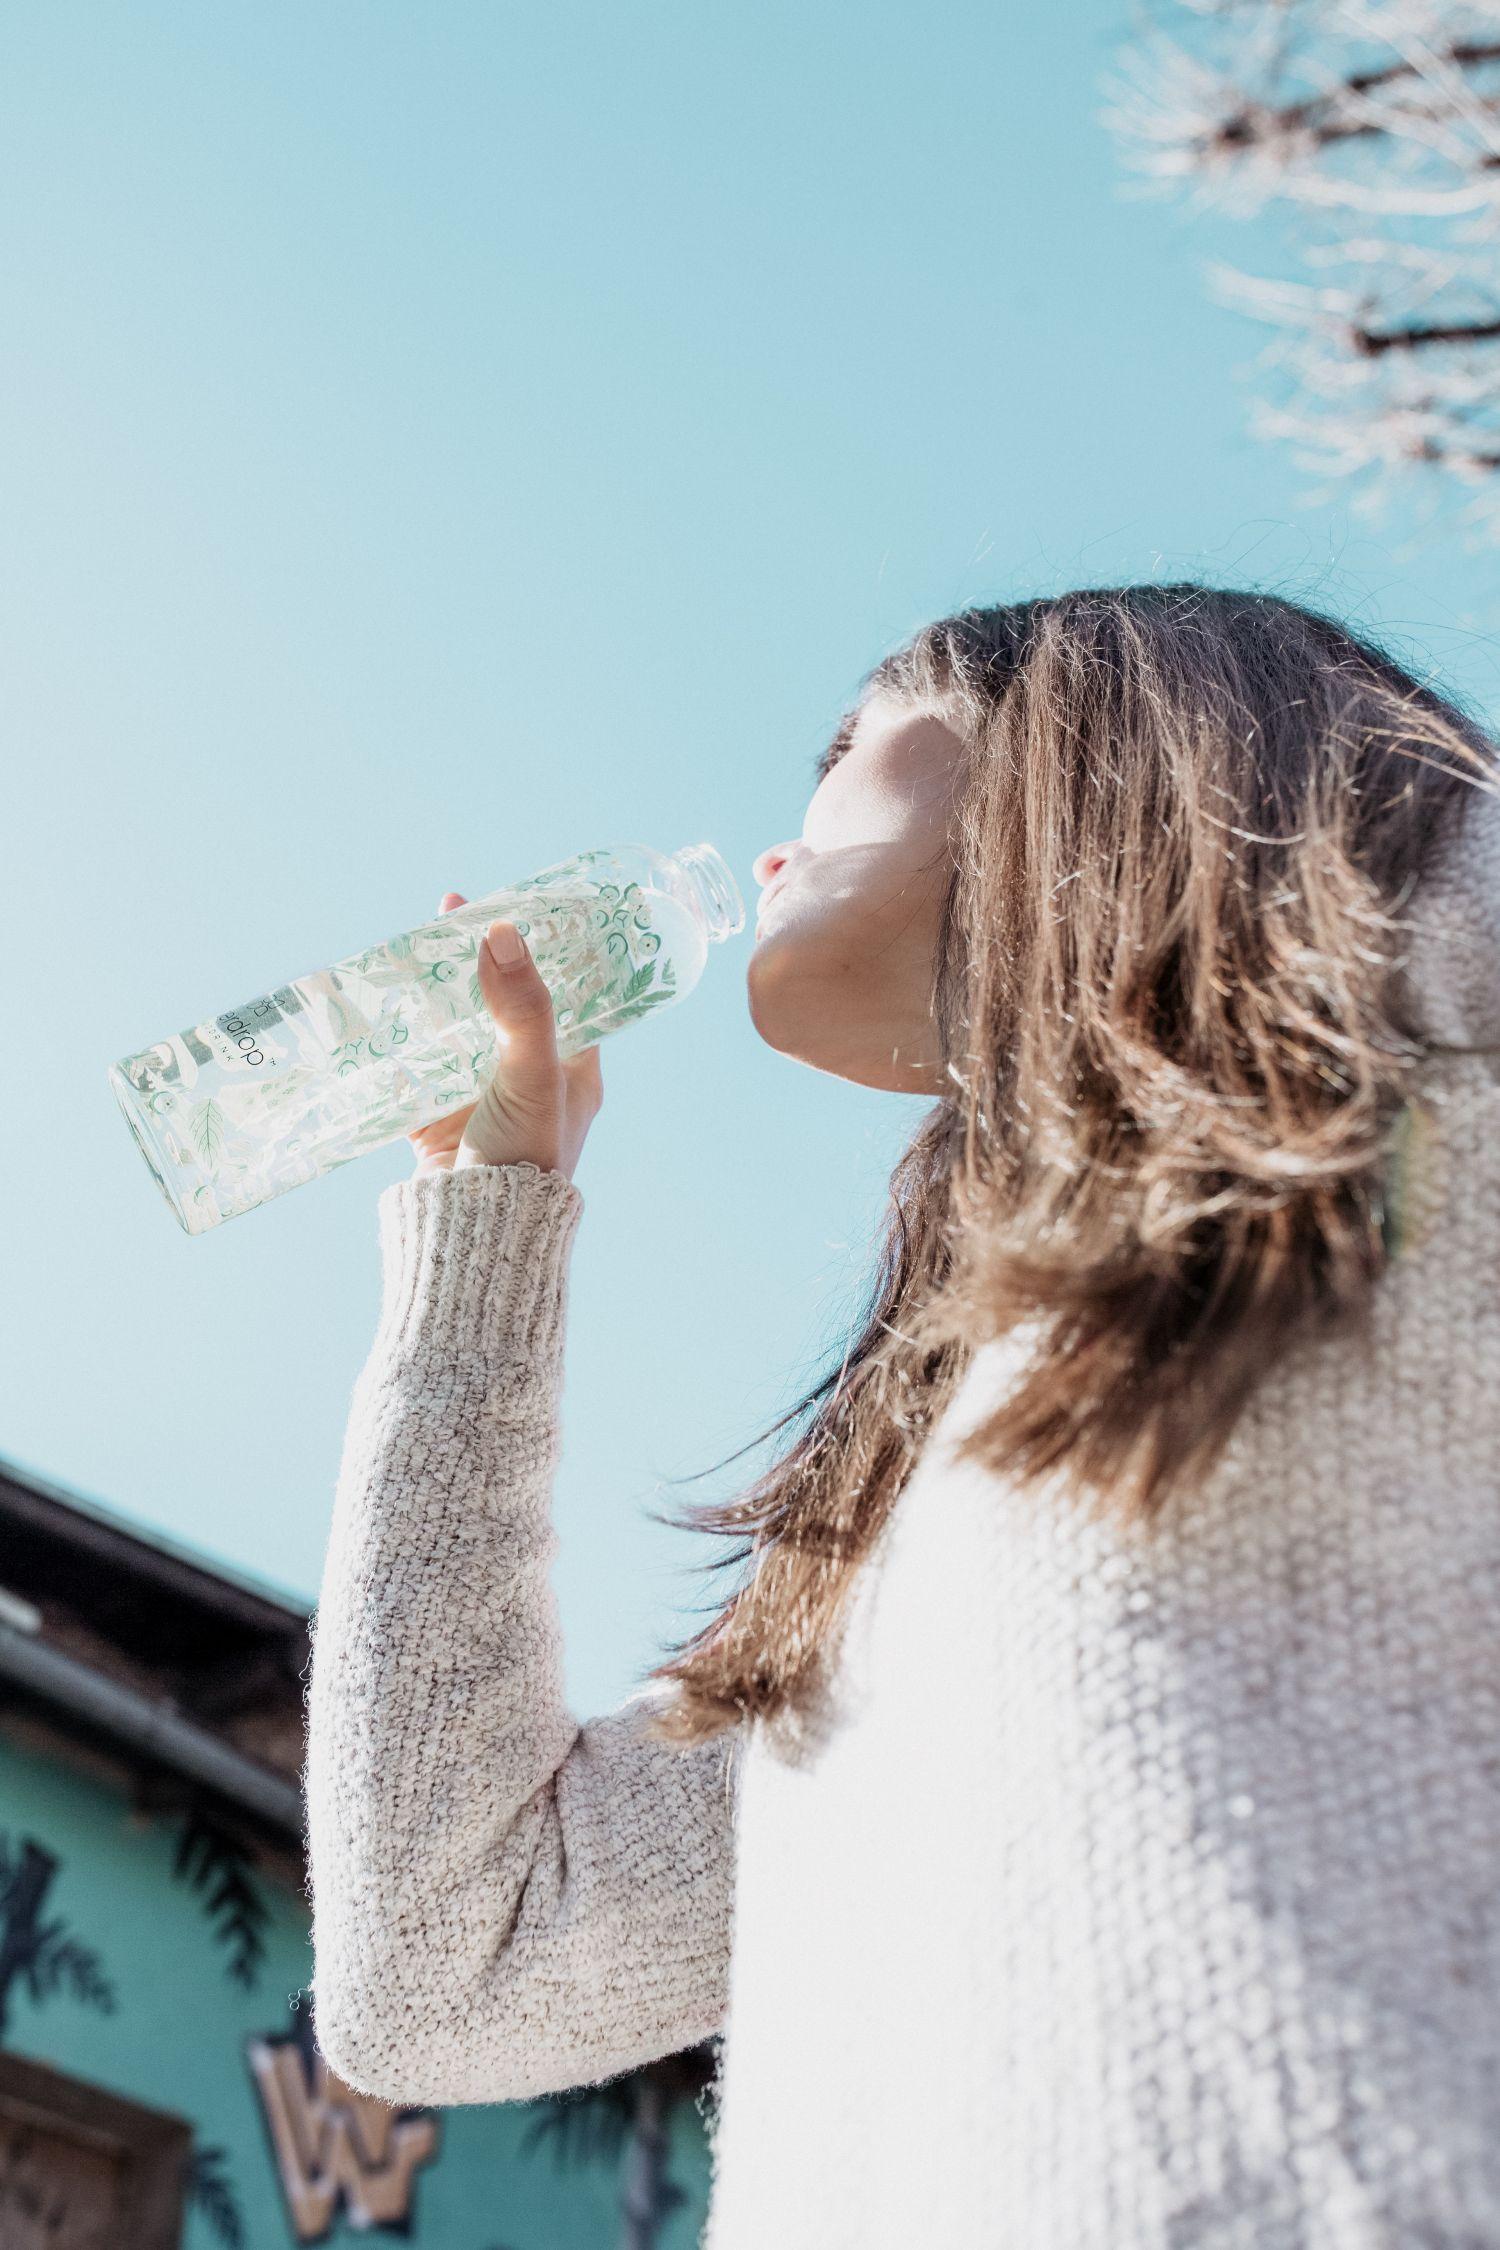 Správným pitným režimem proti jarní únavě